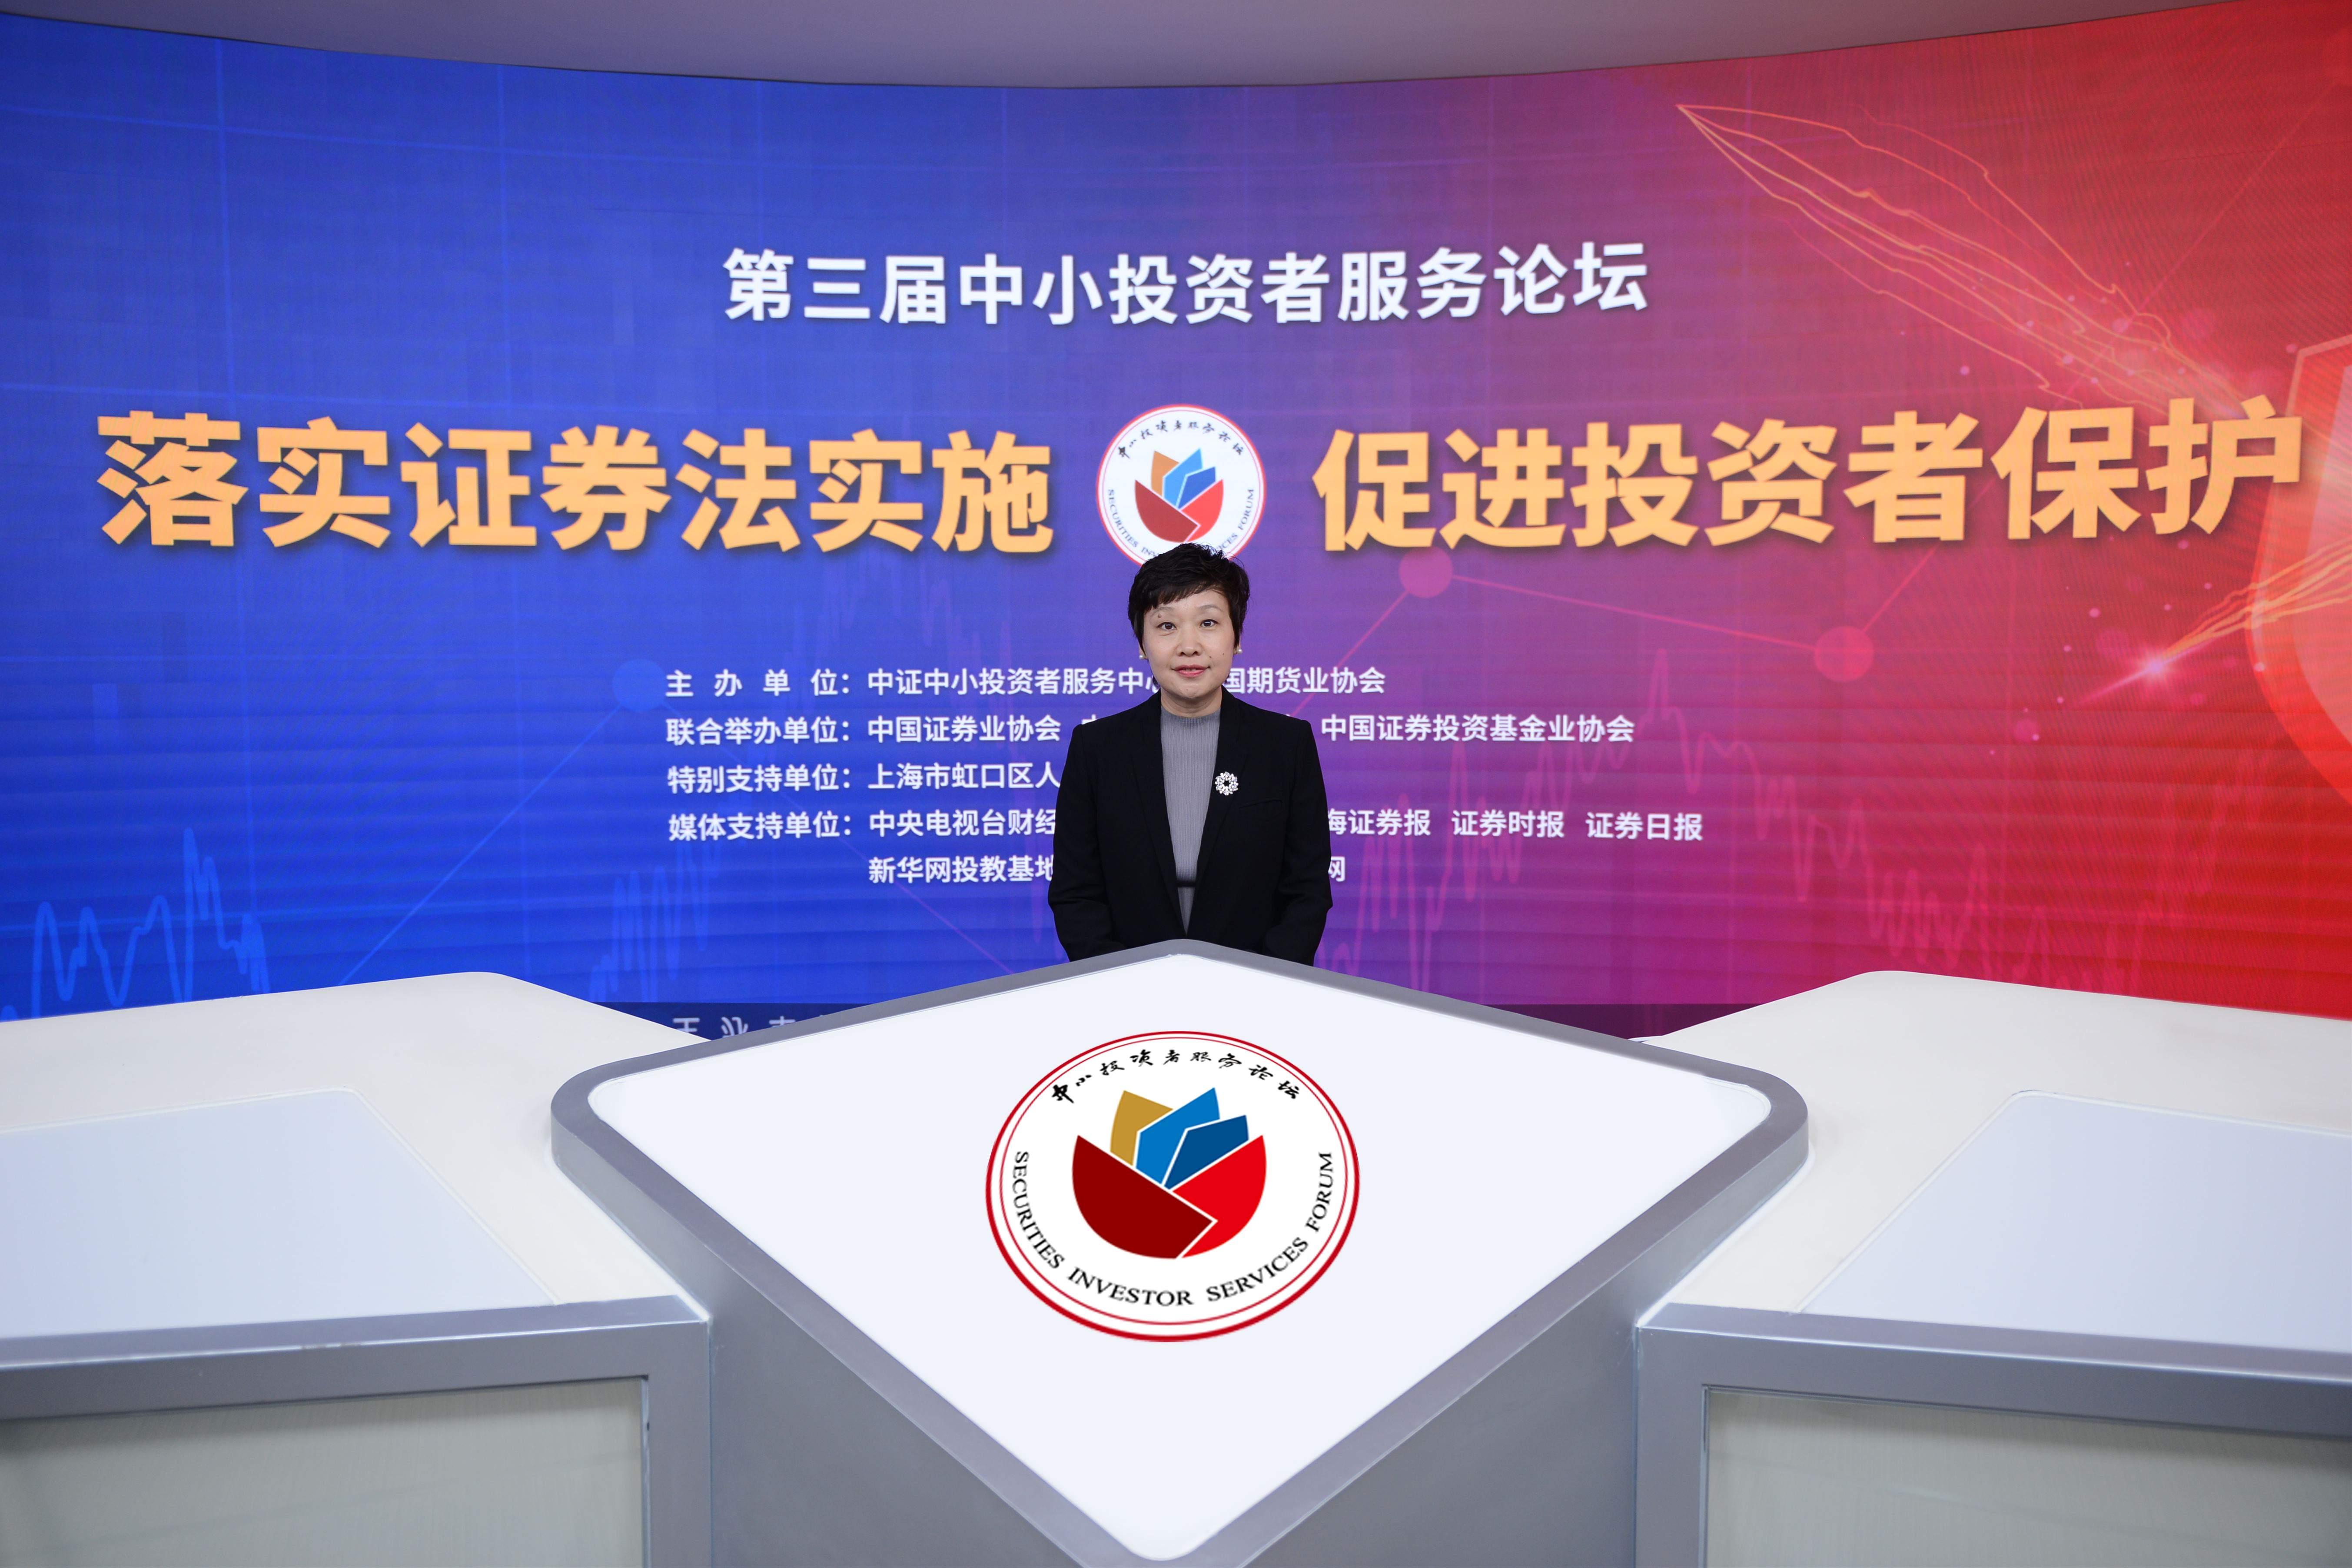 中国上市公司协会副会长高靓在第三届中小投资者服务论坛上的发言